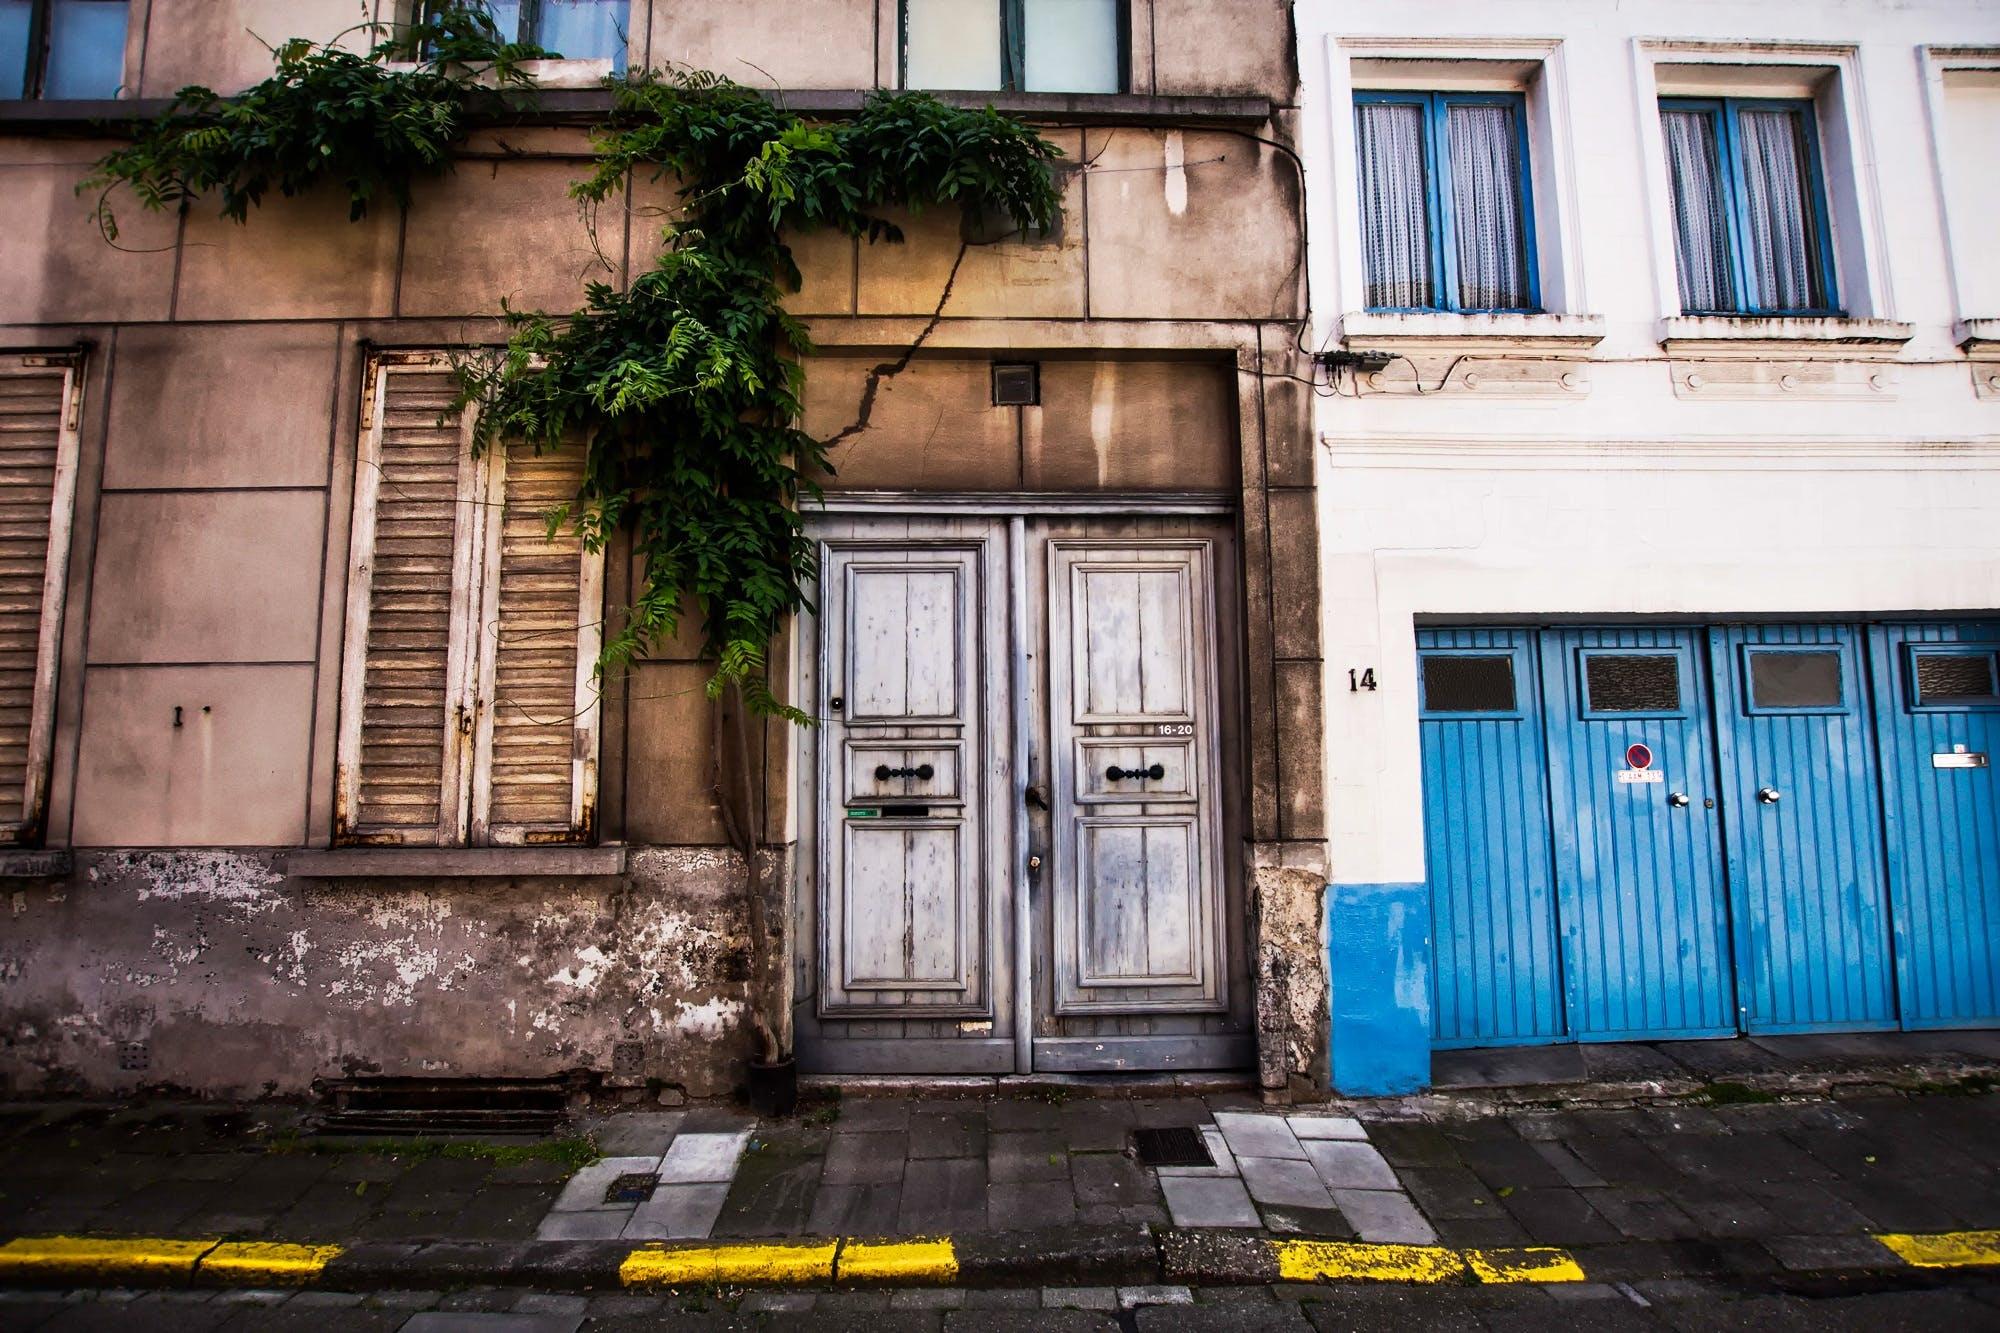 Foto stok gratis Apartemen, Arsitektur, bangunan, Belgium